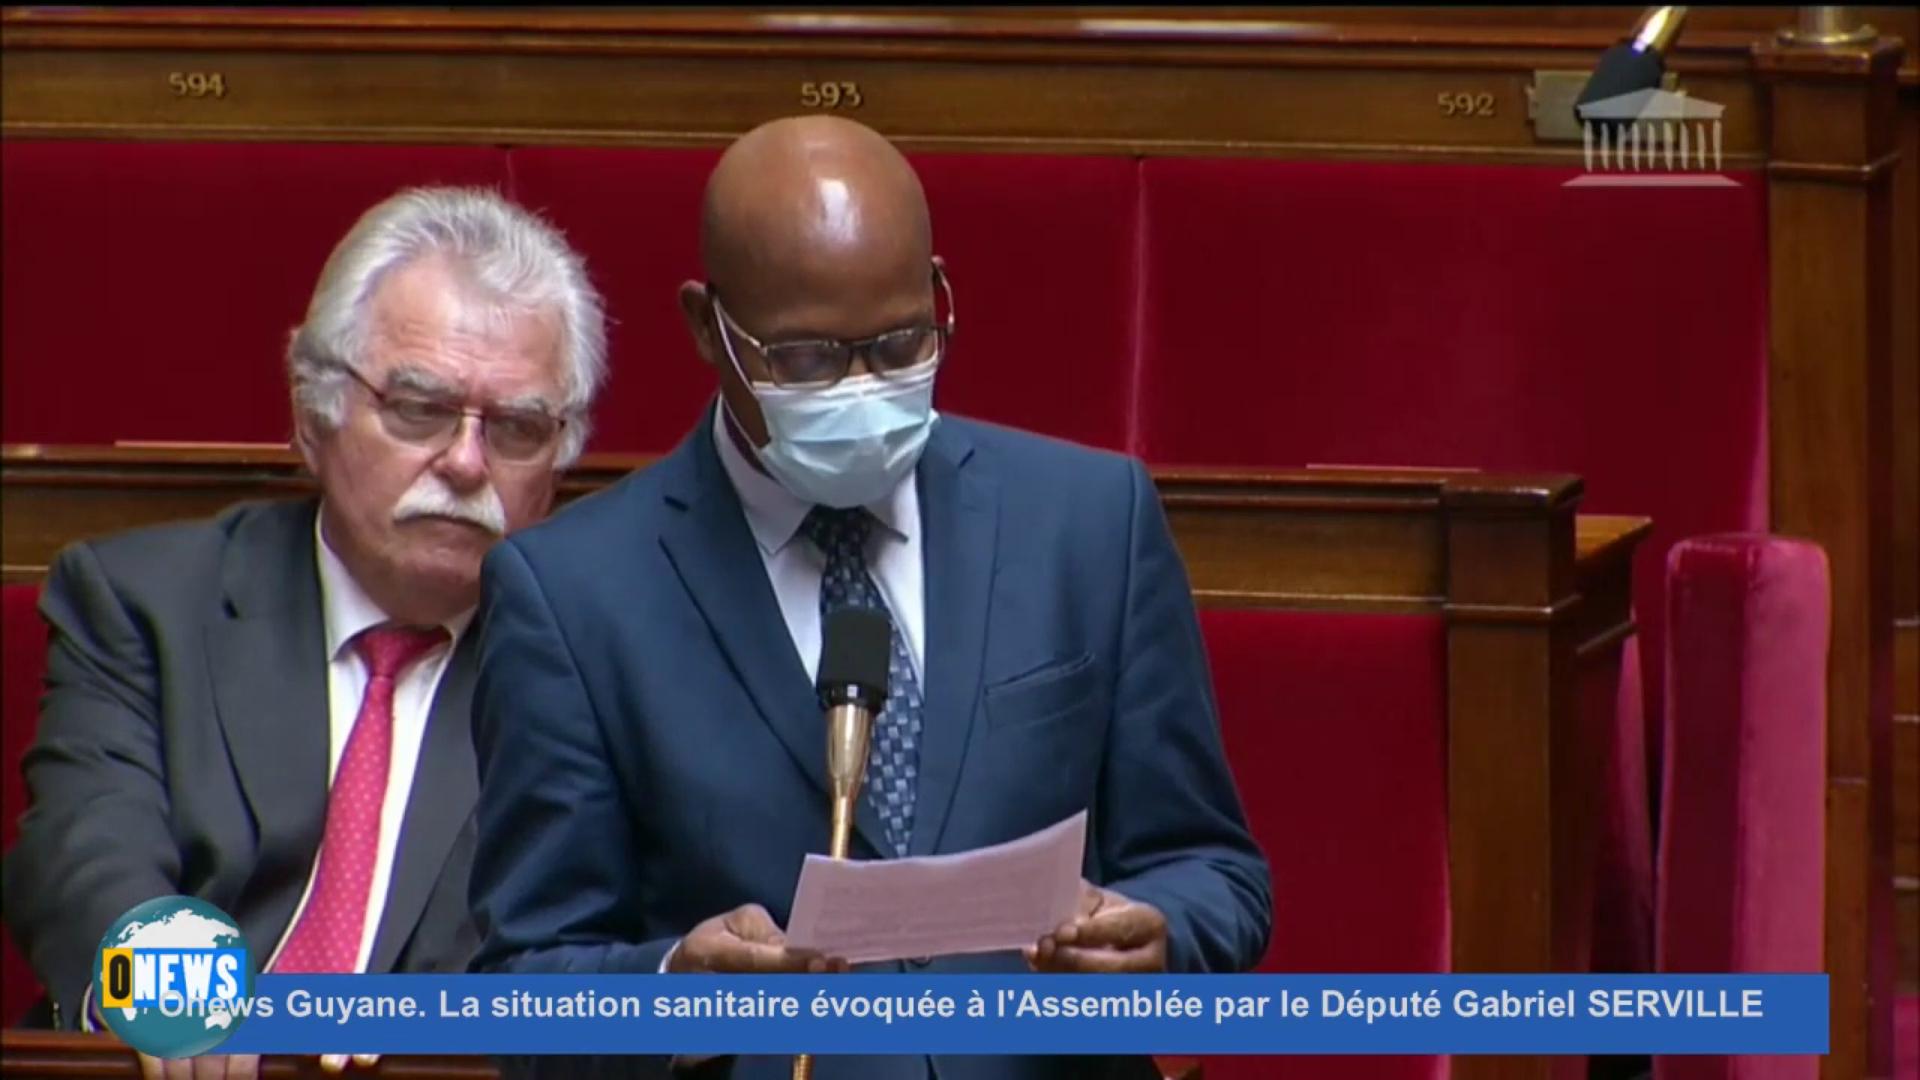 [Vidéo] Onews Guyane. La situation sanitaire évoquée à l'Assemblée par le Député Gabriel SERVILLE